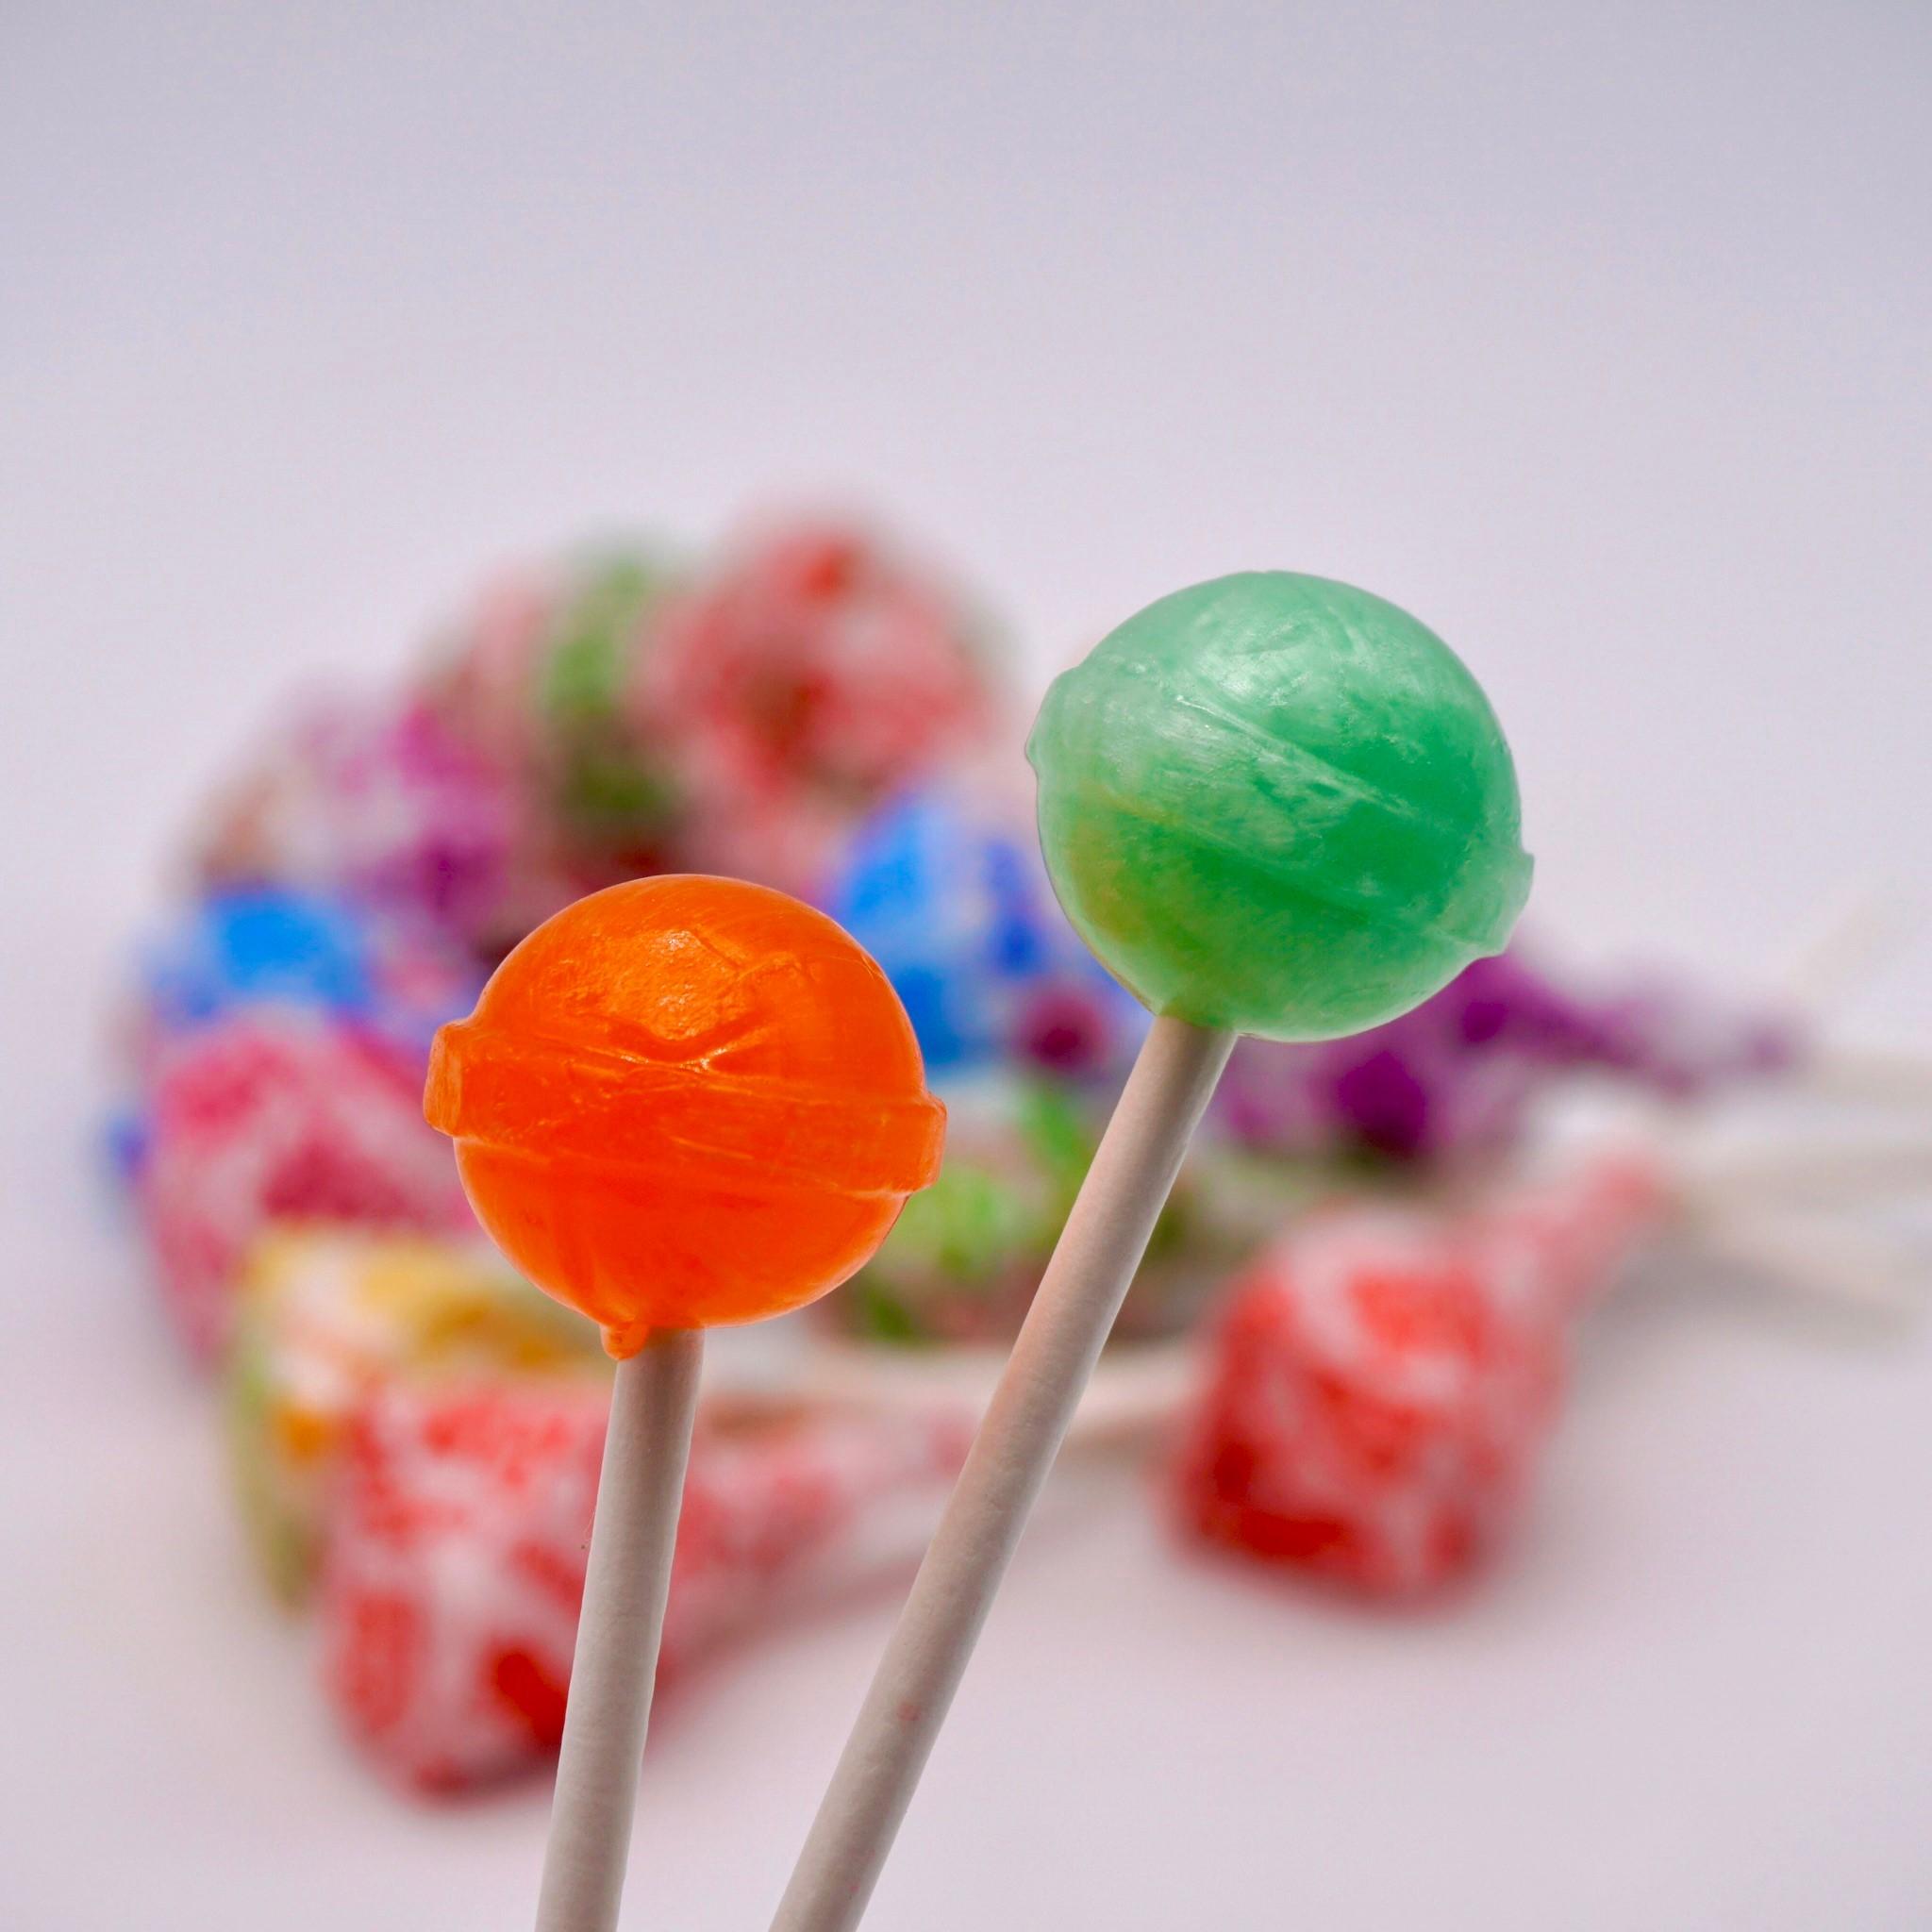 嘴甜甜 DUM DUM棒棒糖 200公克 棒棒糖系列 17種口味 水果棒棒糖 水果糖 糖果 棒棒糖 素食 現貨